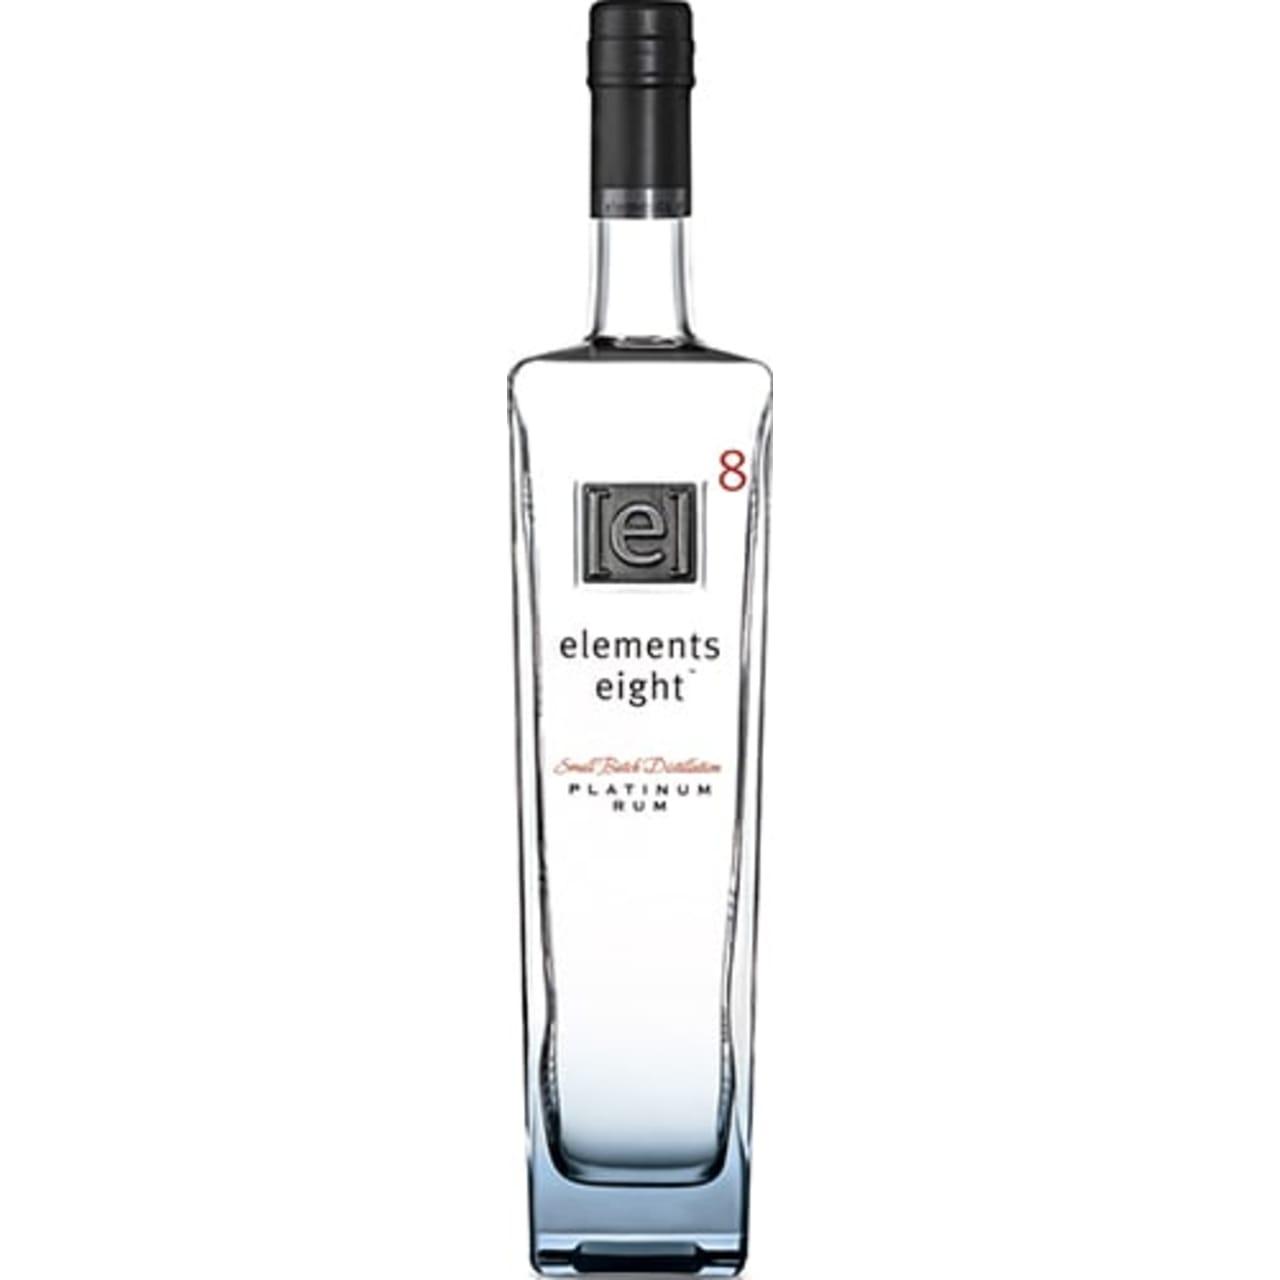 Product Image - Elements 8 Platinum Rum